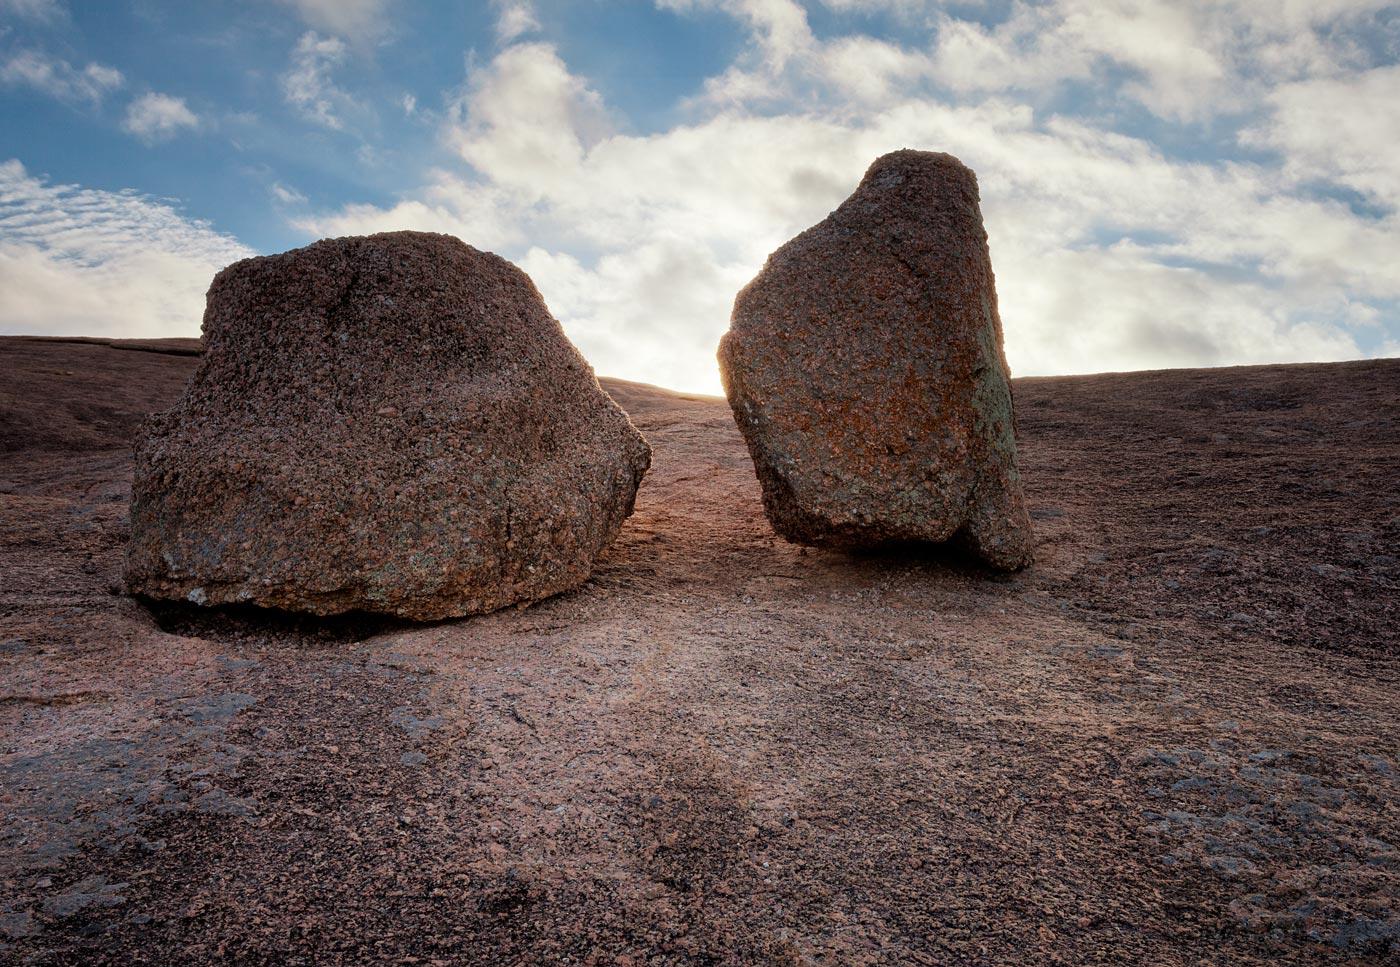 Enchanted-Rock-ABP-Summit-Boulders.jpg